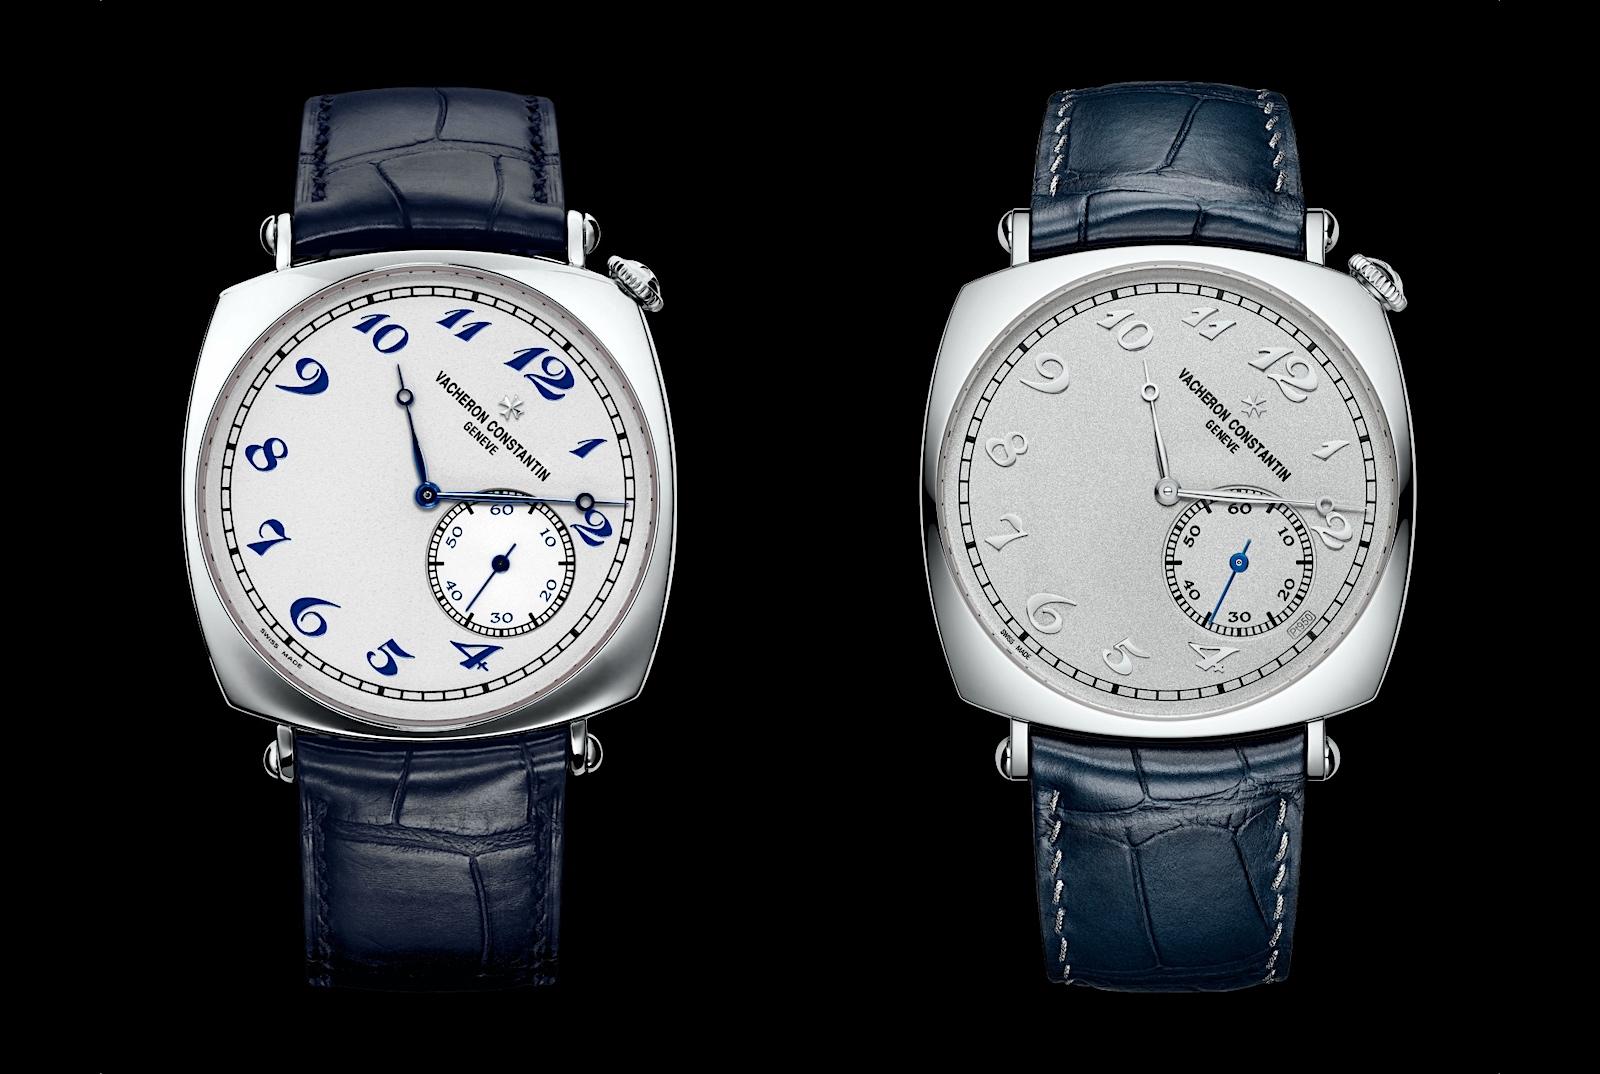 Vacheron Constantin en Watches and Wonders 2021 - American 1921 Pt duo